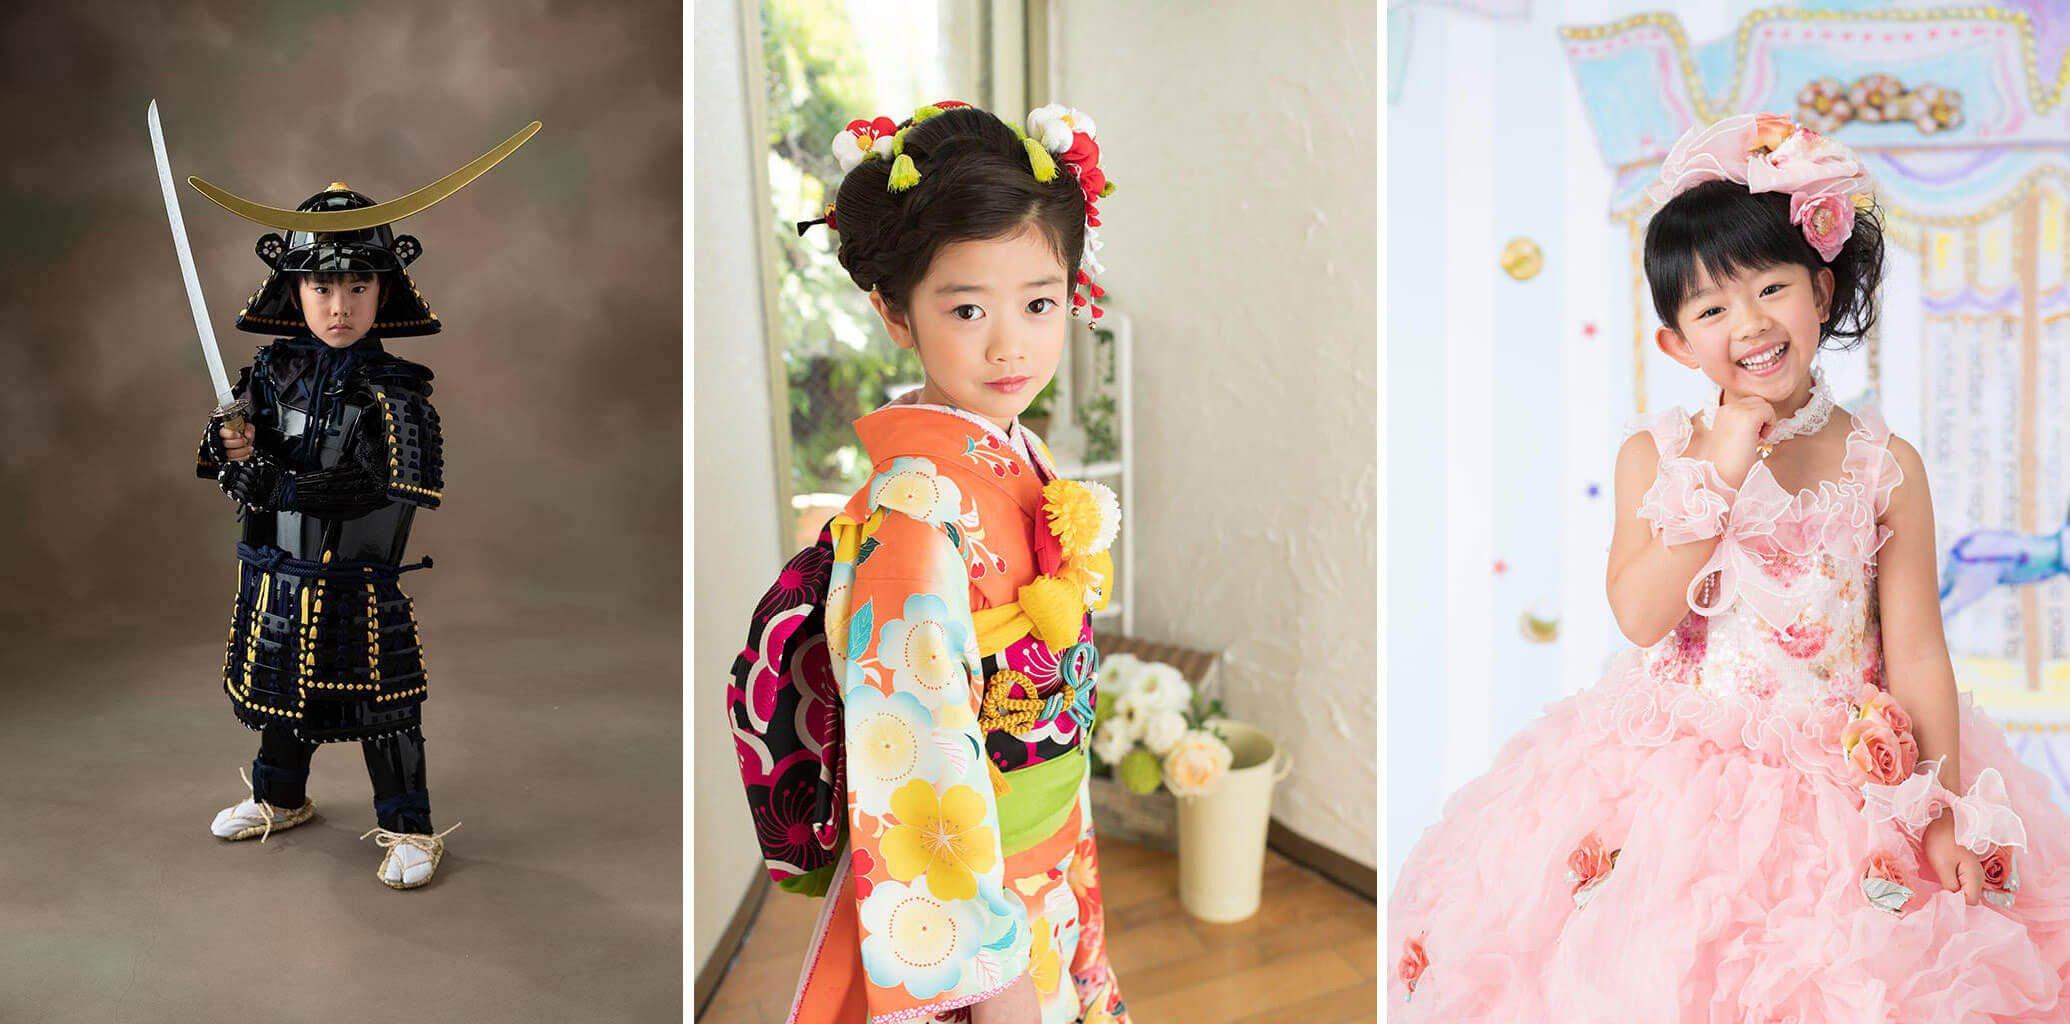 七五三撮影:伊達政宗公の鎧兜を着て、日本刀を構える三歳男の子、着物・新日本髪でお支度をした七歳女の子、ドレス・洋髪でお支度をした七歳女の子の写真。